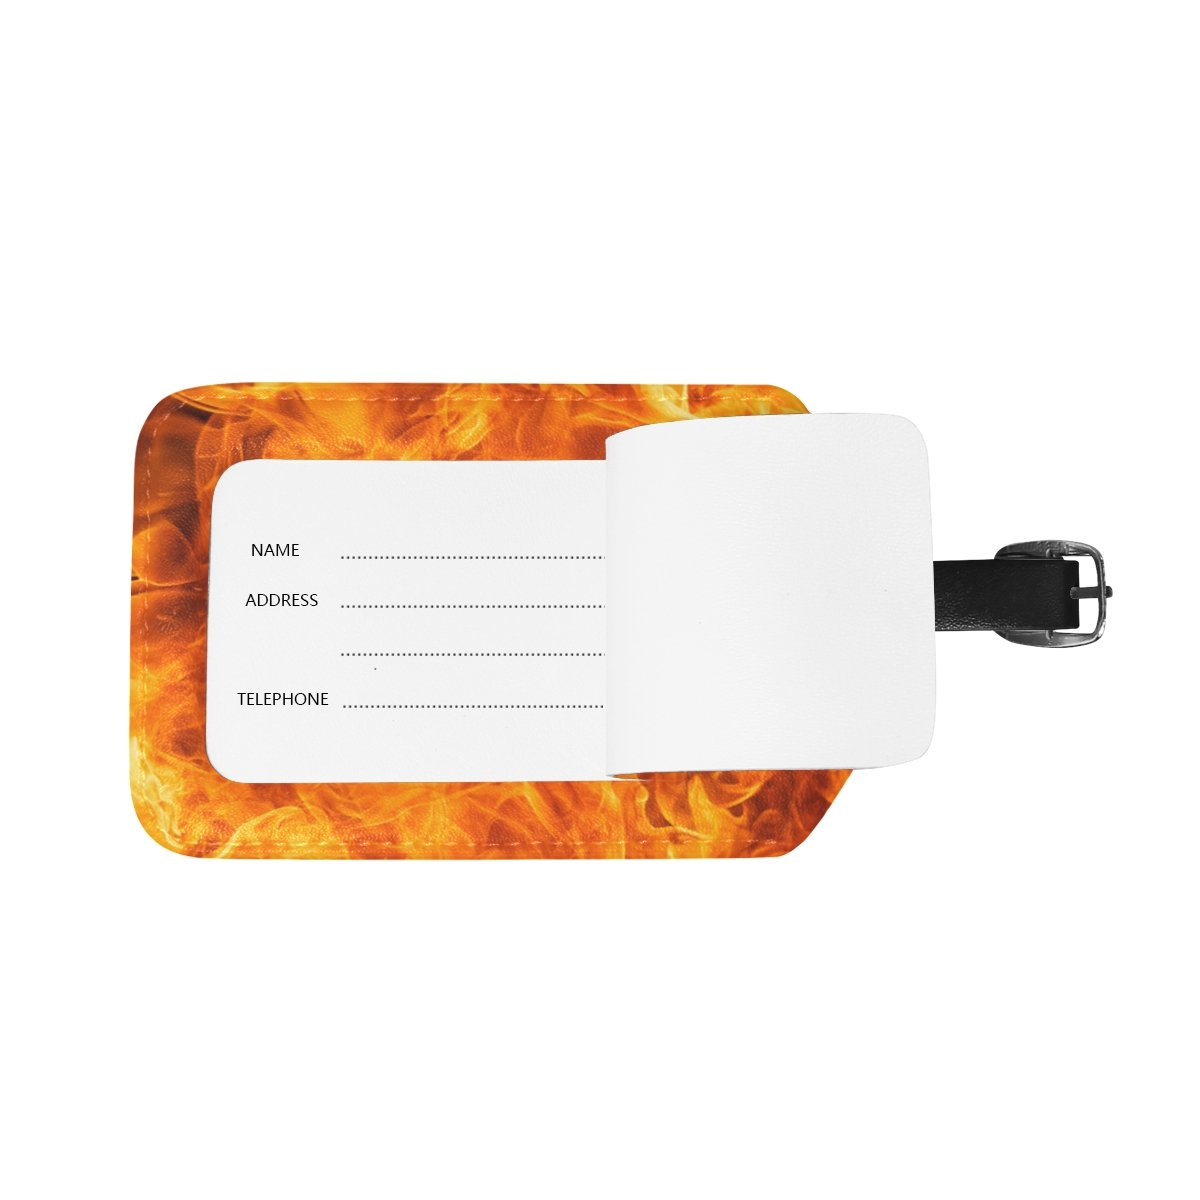 Amazon.com: My Daily Blaze el fuego llama etiqueta de ...